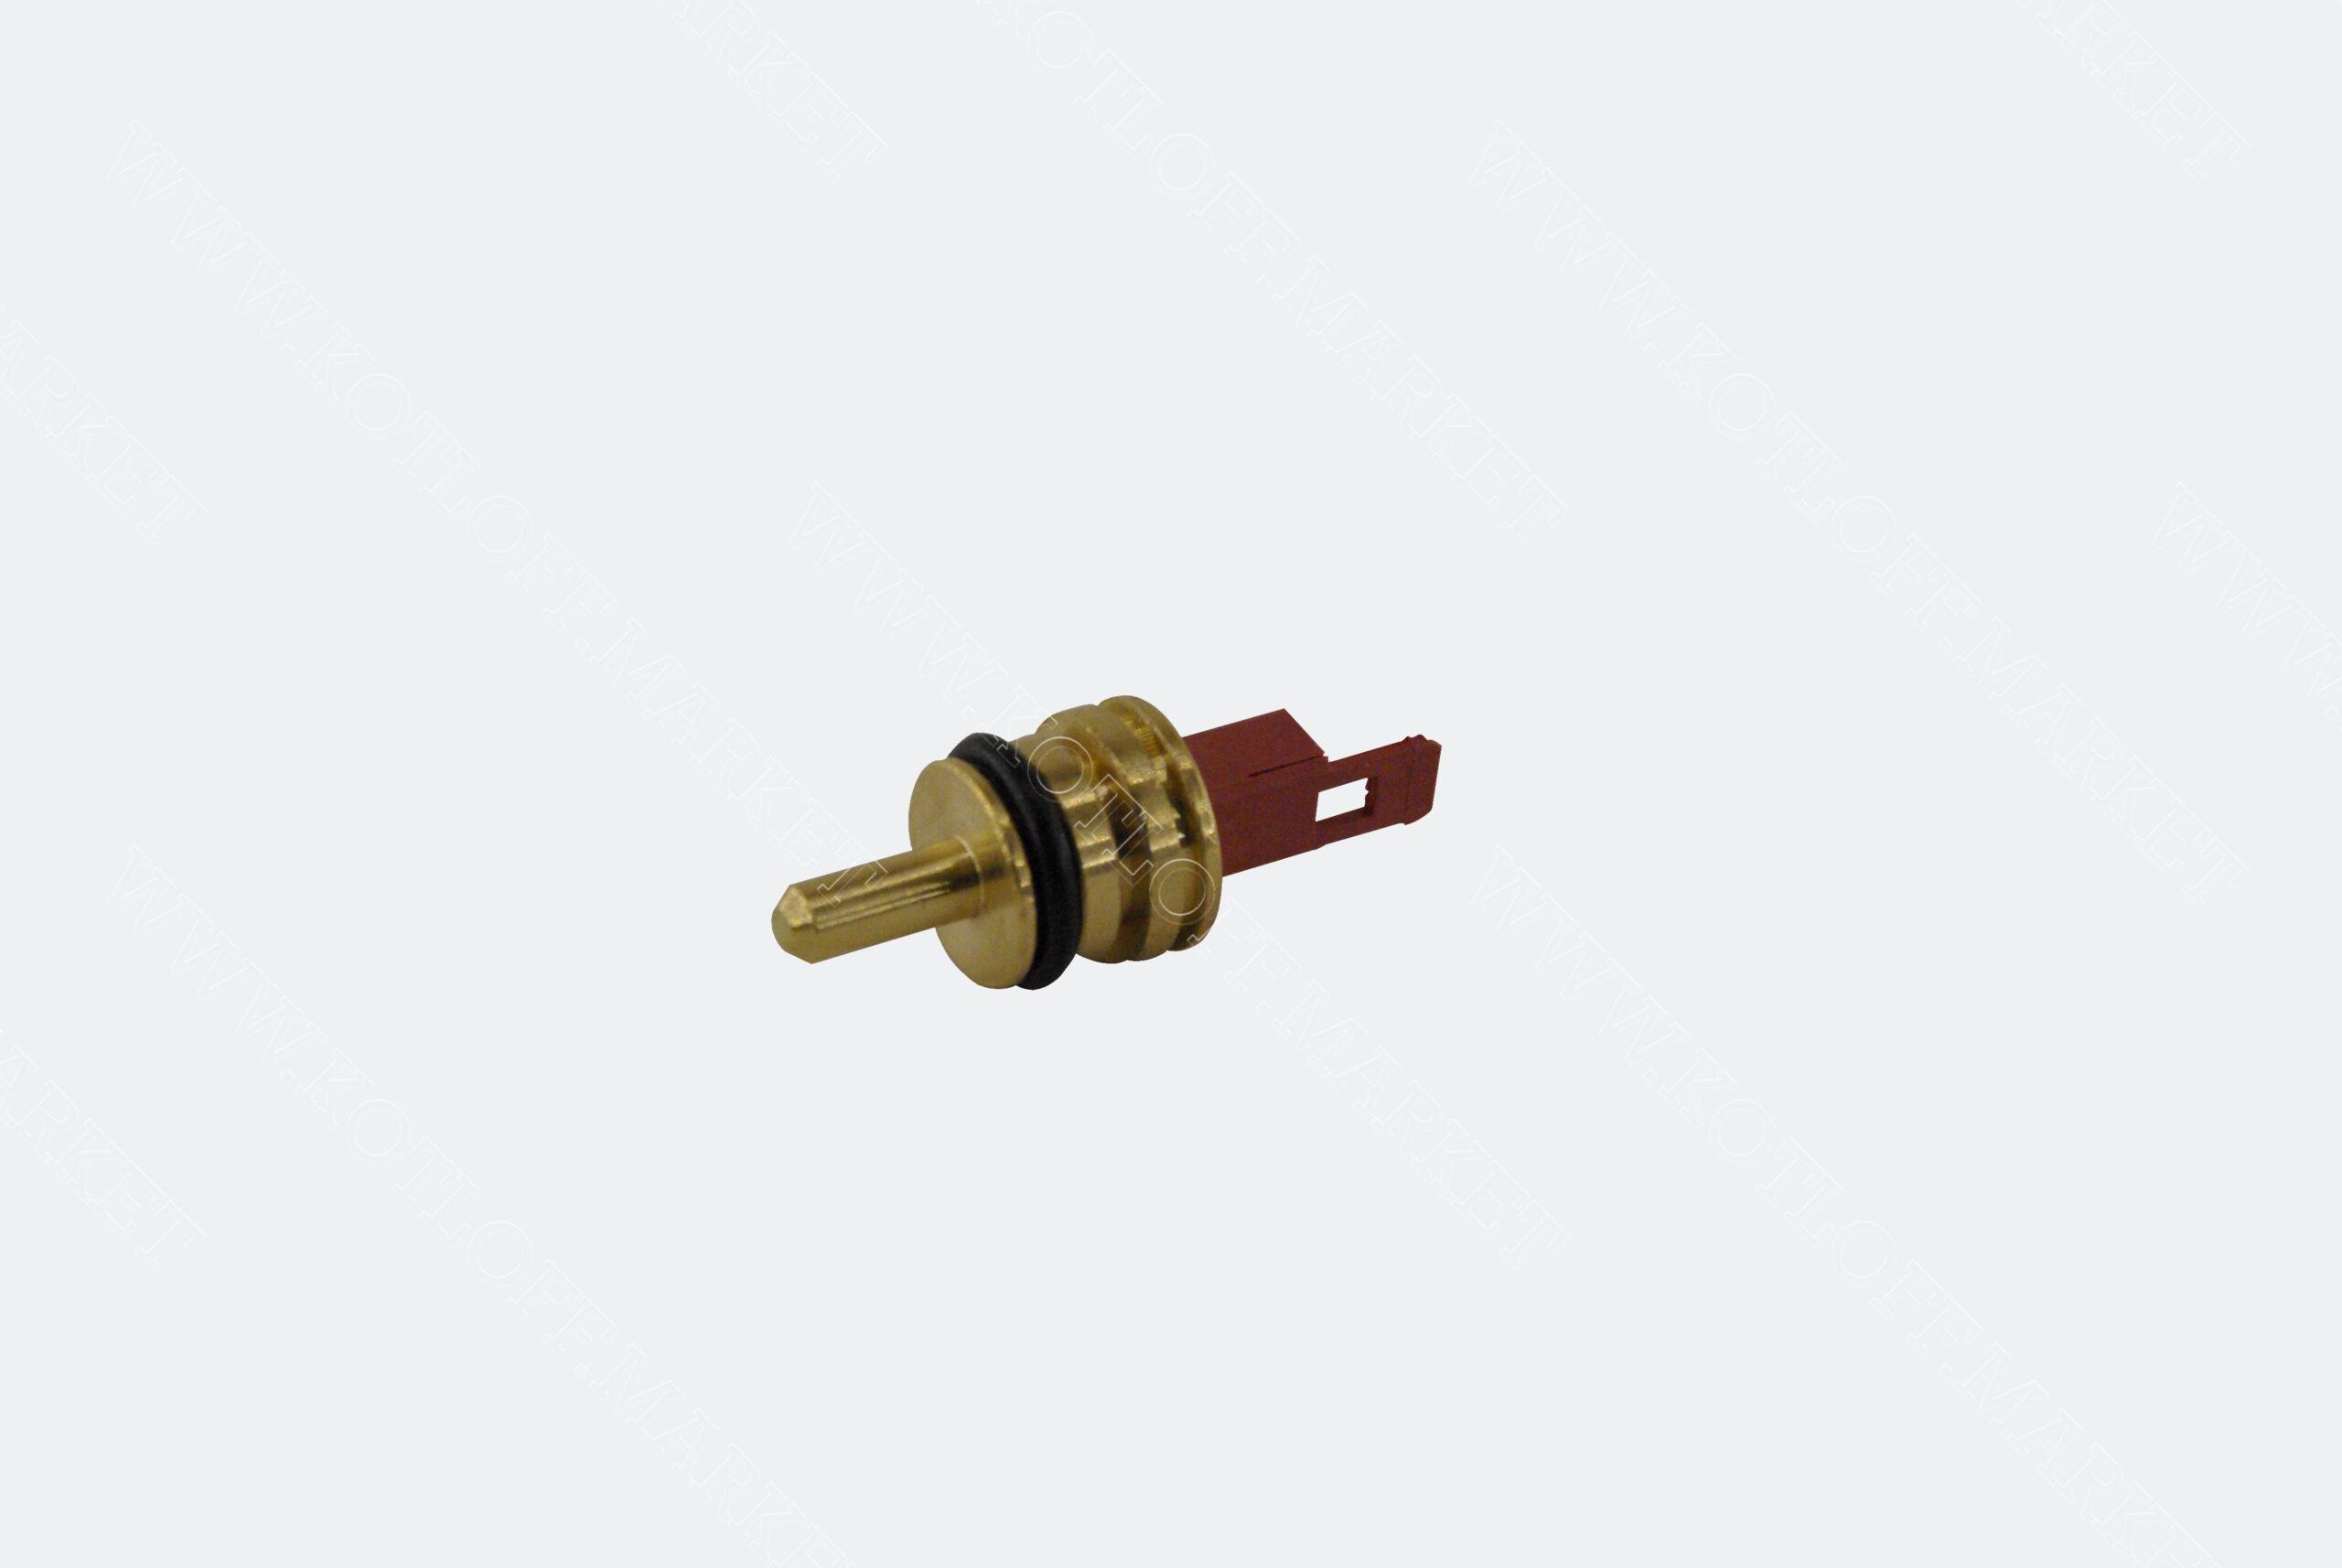 Датчик NTC под клипсу на газовый котел Beretta City, City J/D, Mynute DGT, Exclusive арт. R10025061